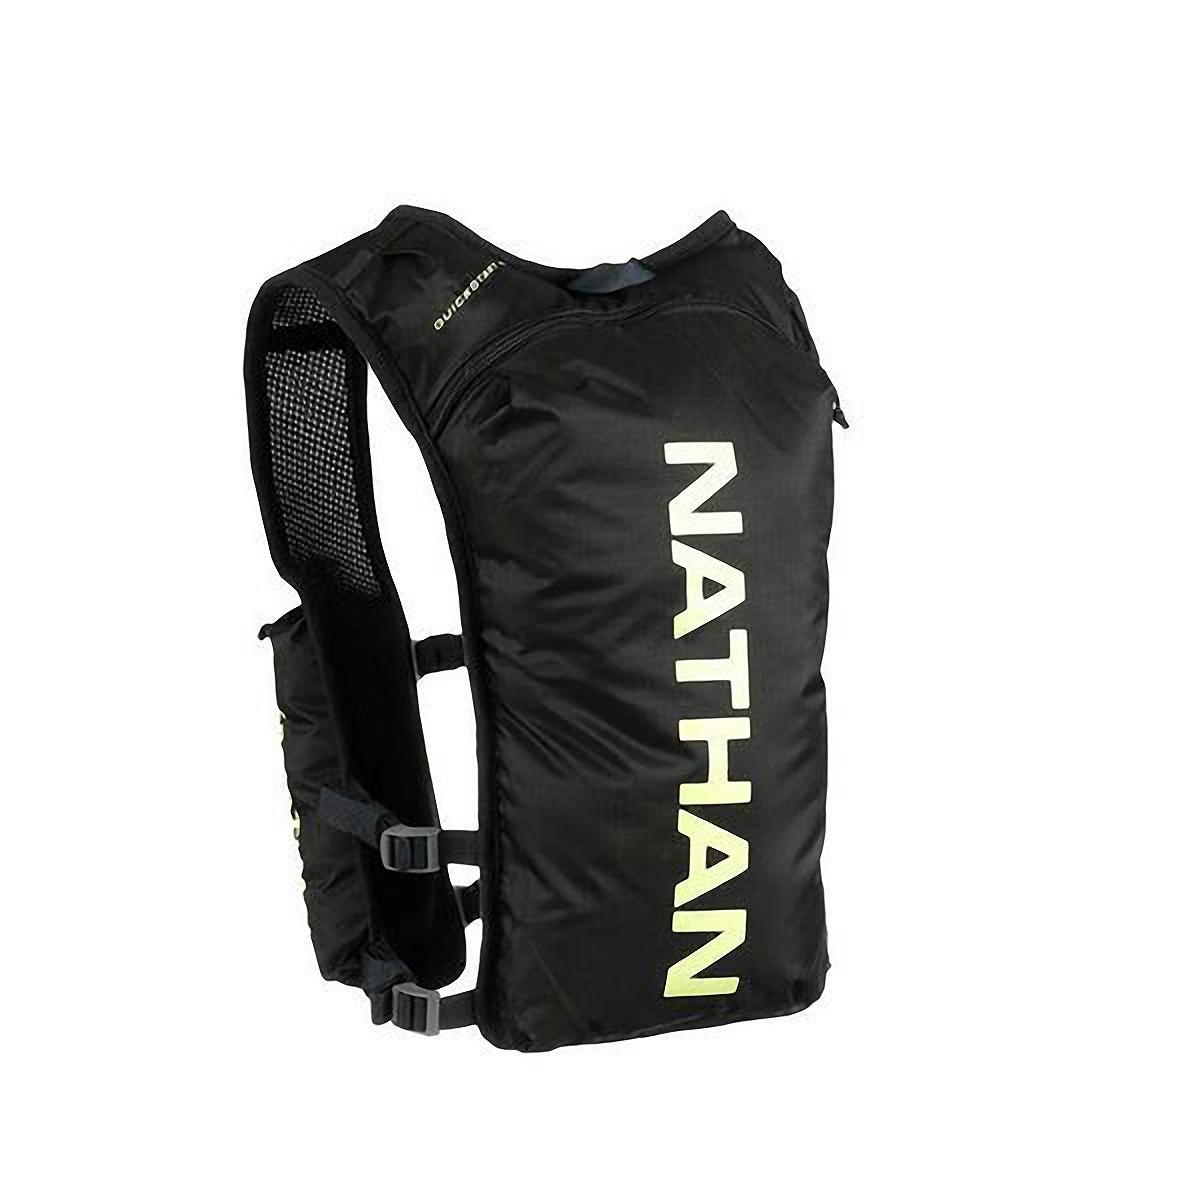 Nathan Quickstart 4 Liter Race Pack - Color: Black - Size: One Size, Black, large, image 3